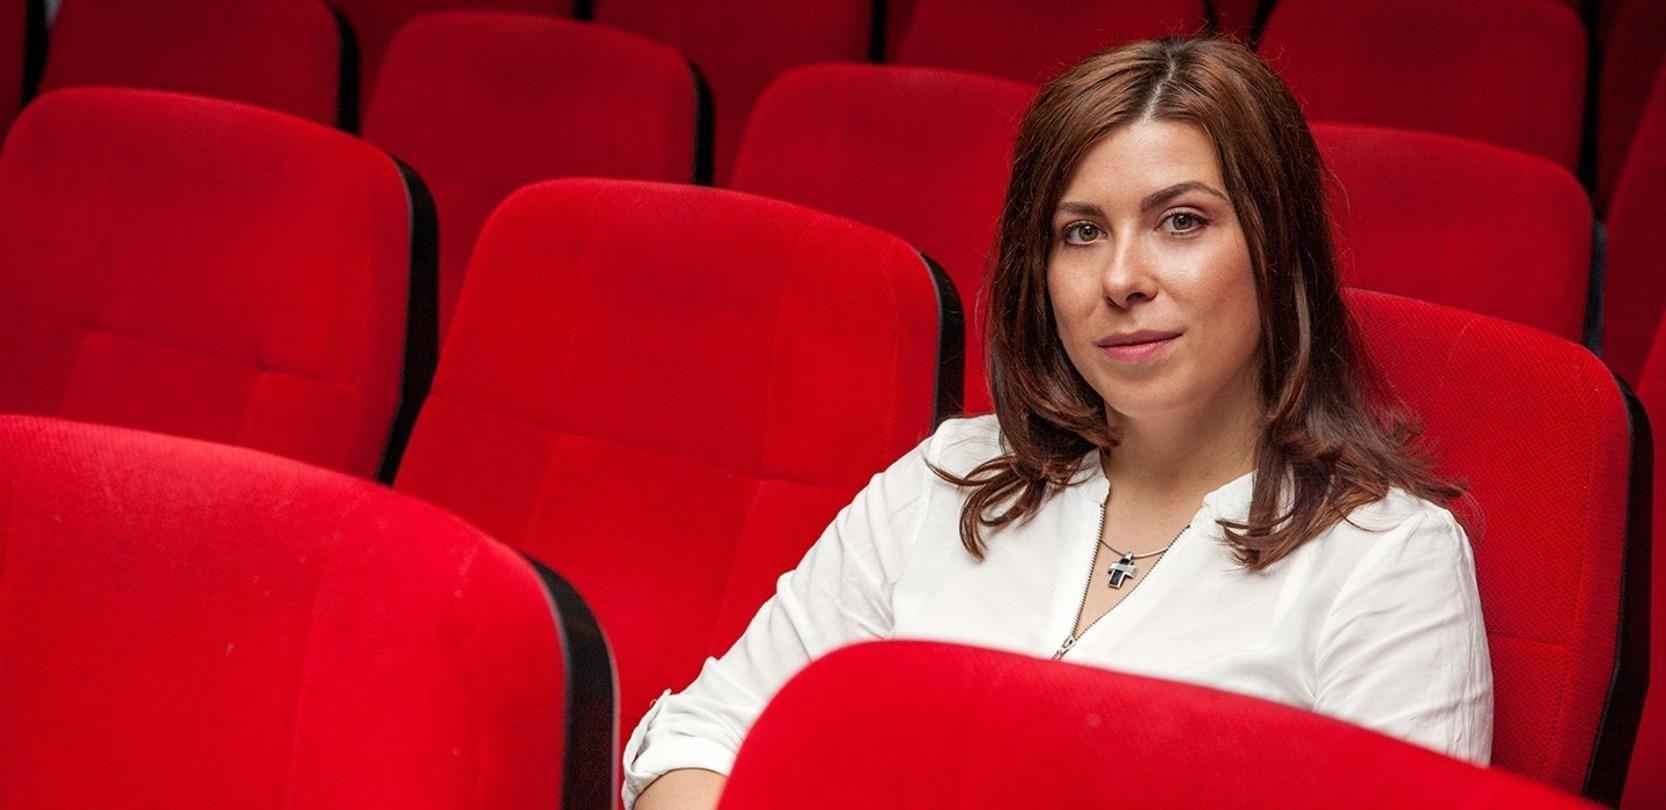 Юлия Синкевич выиграла конкурс на должность главы Госкино: что о ней известно - Новости Украина - Lifestyle 24